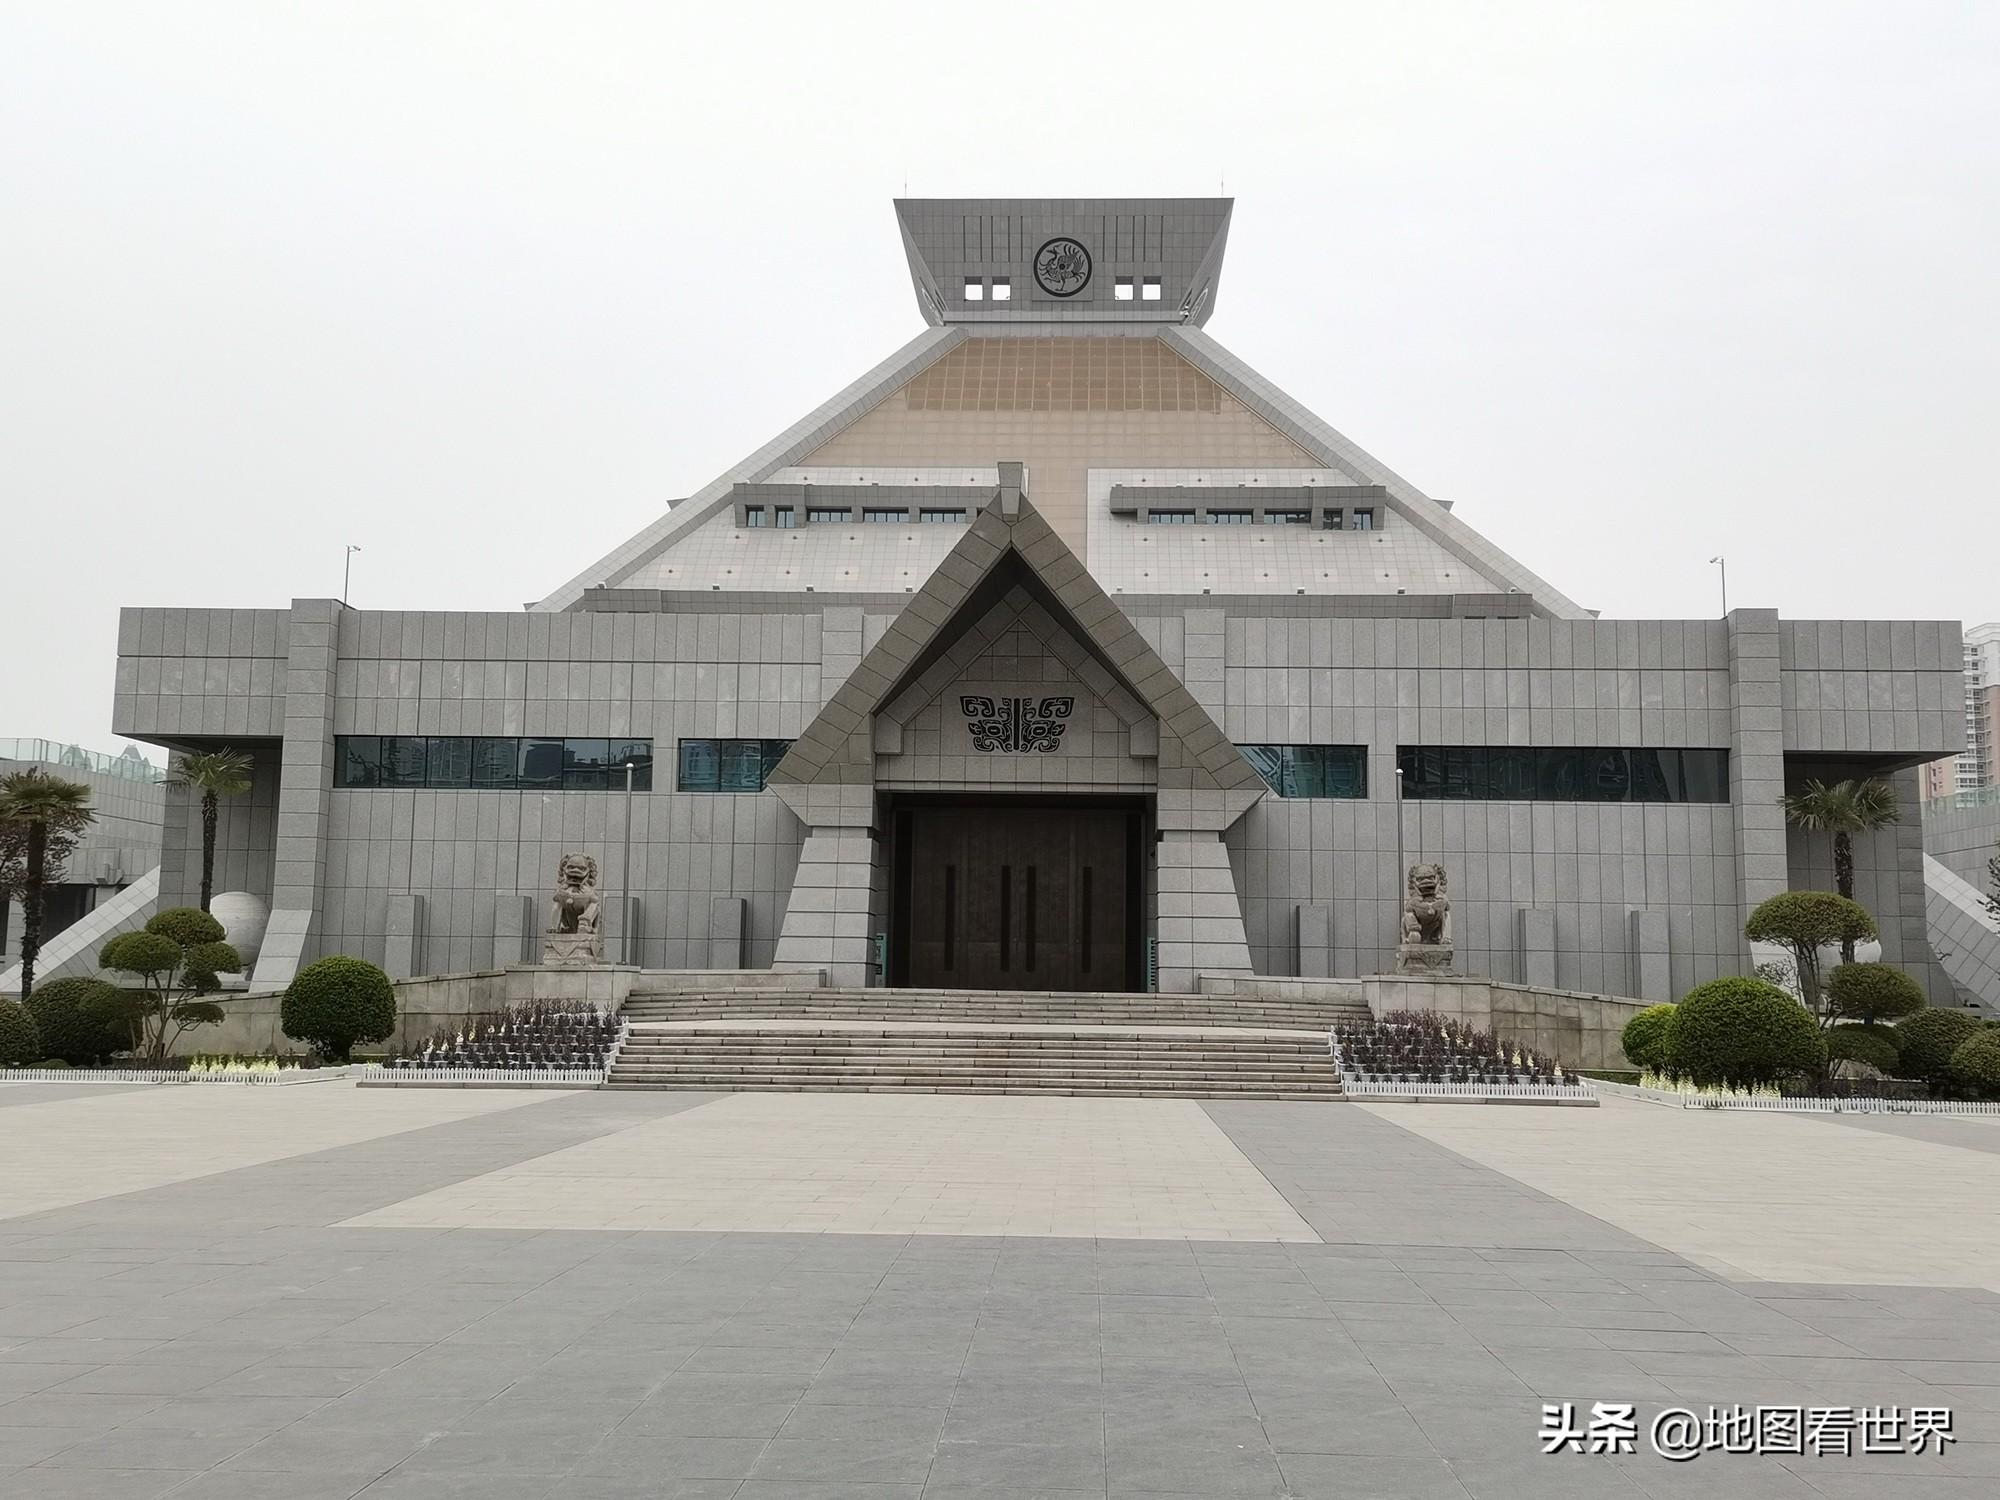 郑州有哪些好玩的地方旅游景点(郑州有哪些区)插图35